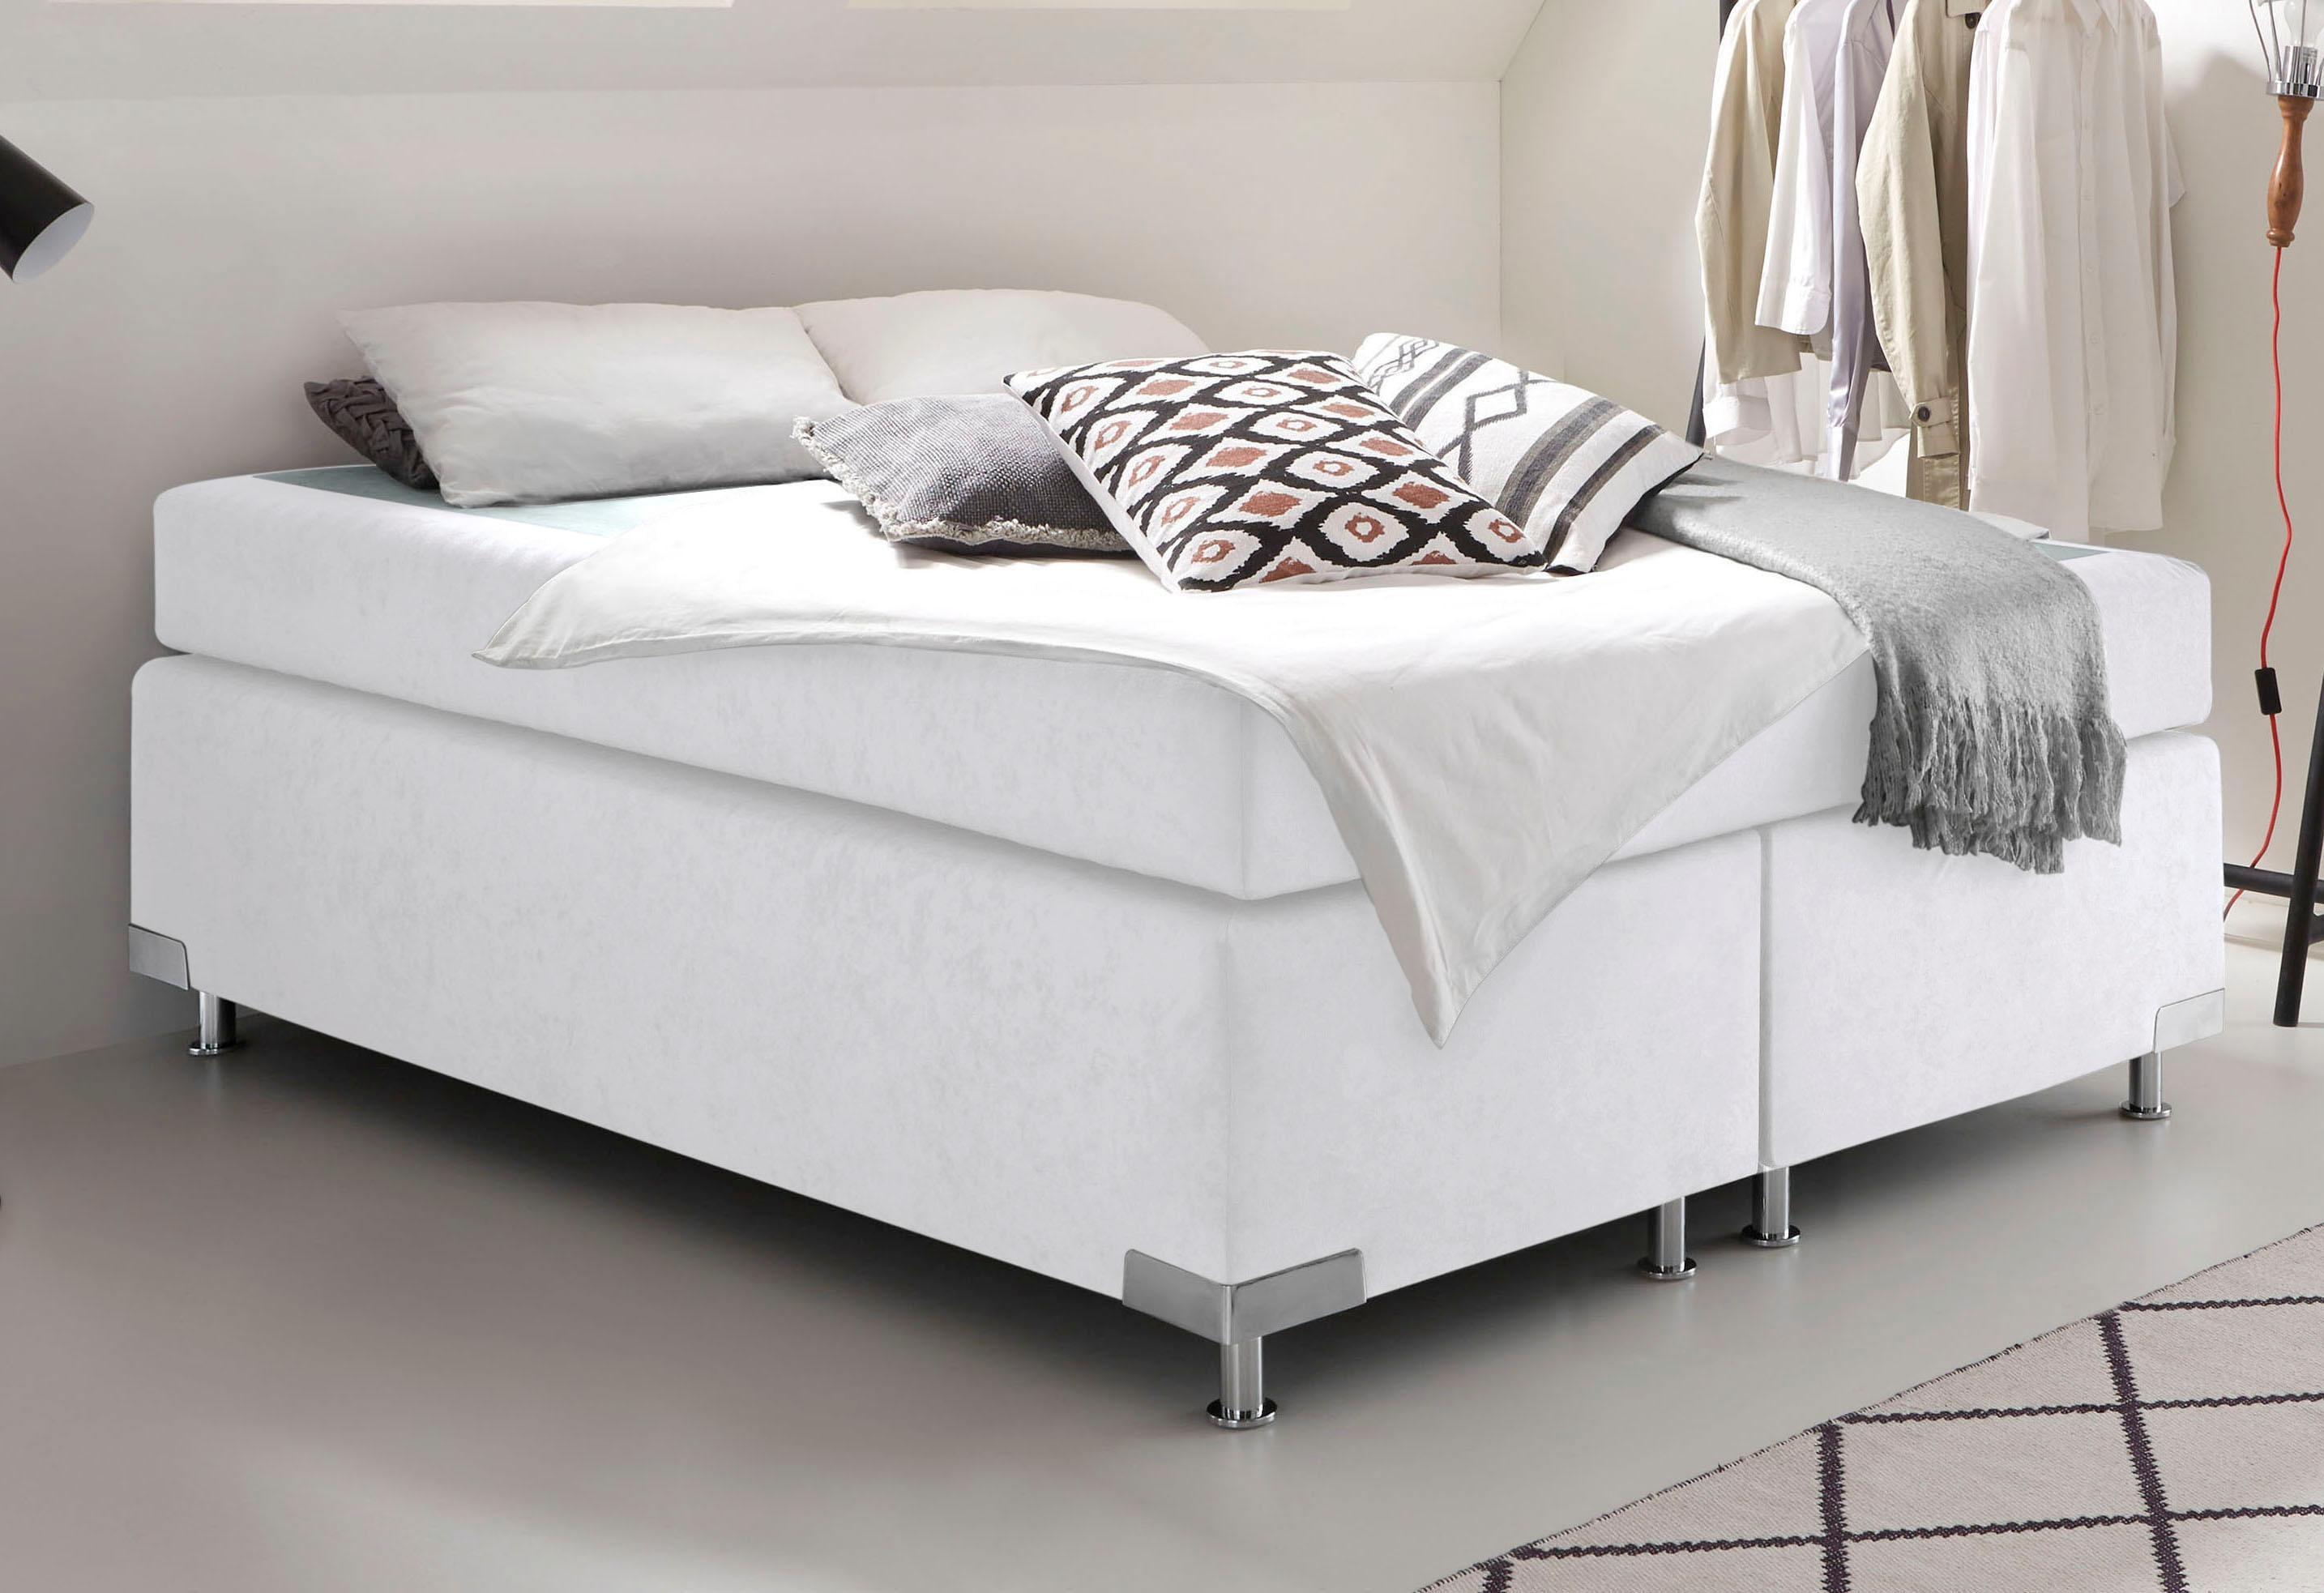 Westfalia Schlafkomfort Boxspringbett ohne Kopfteil frei im Raum stellbar